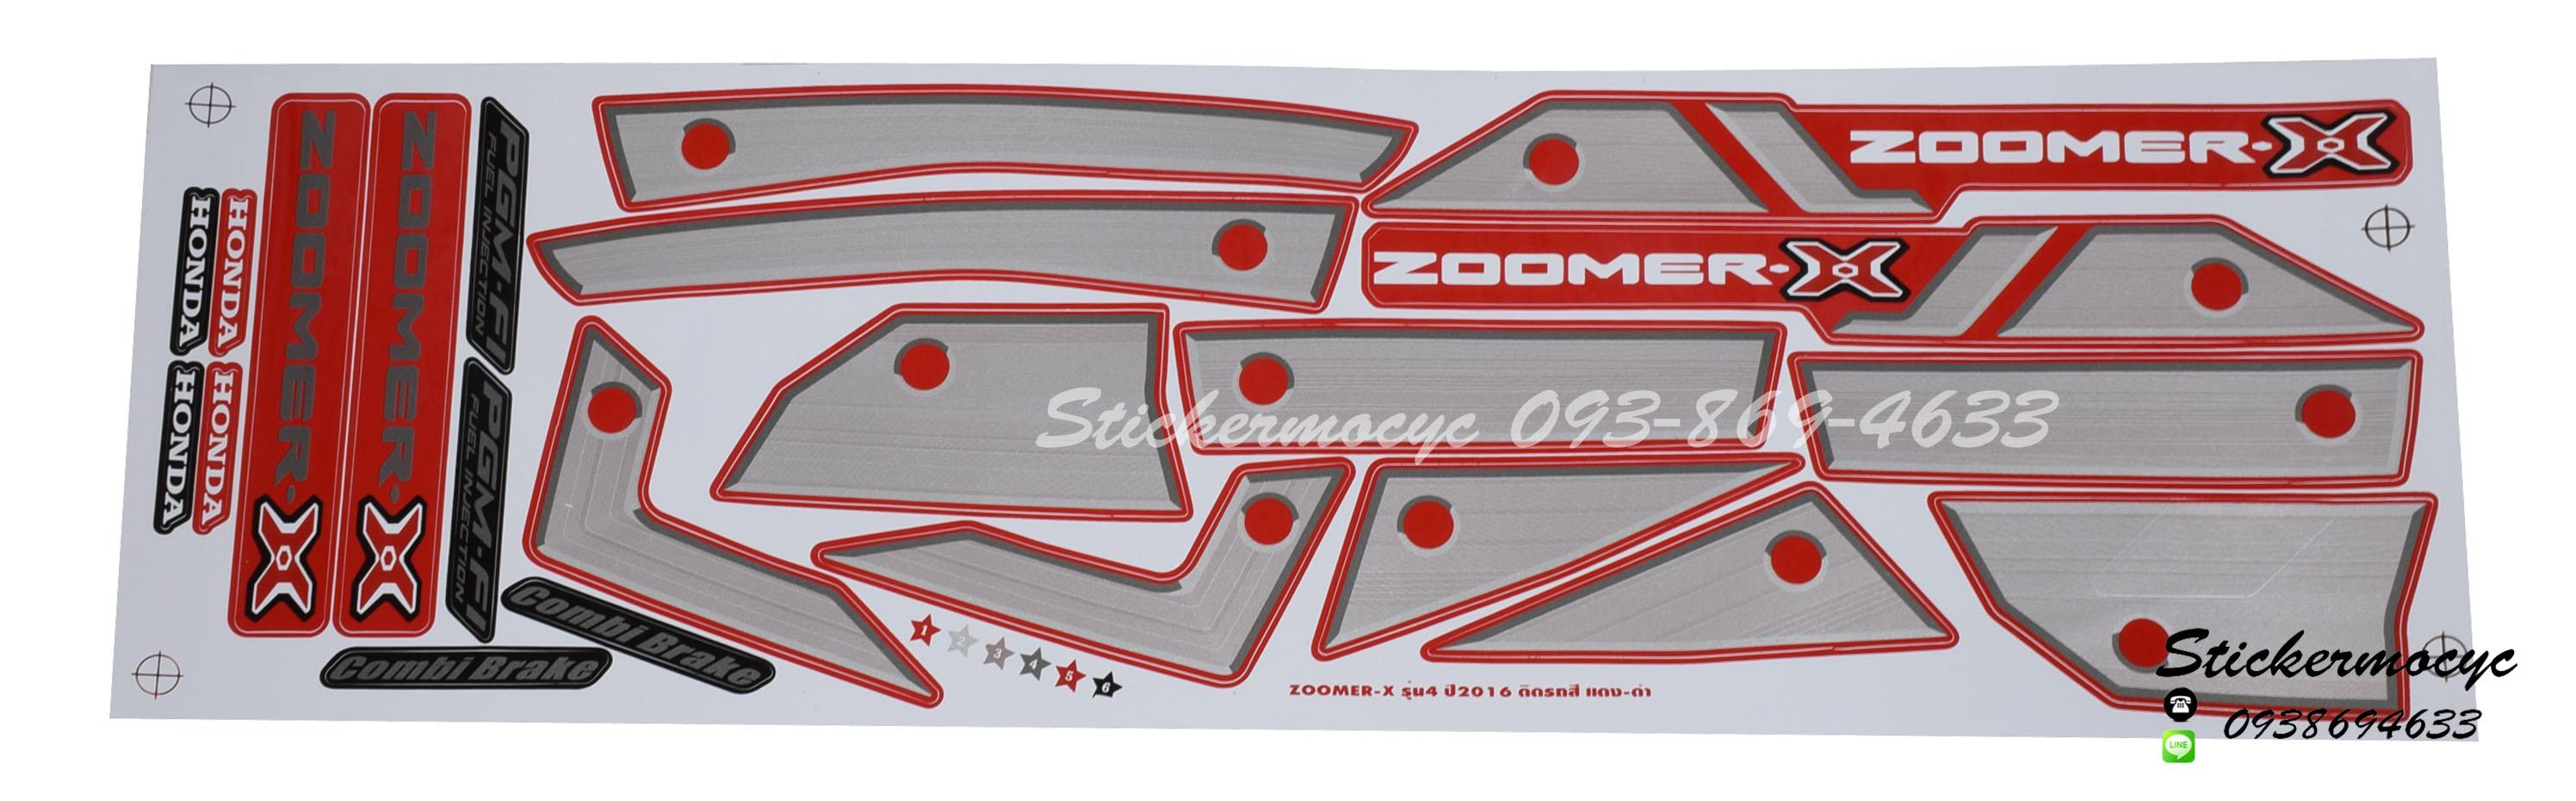 สติ๊กเกอร์ติดรถ มอเตอร์ไซค์ ฮอนด้า ซูเมอร์ X Sticker Honda Zoomer X แต่ง ปี 2016 รุ่น 4 ติดรถ สีแดง ดํา (เคลือบเงา)